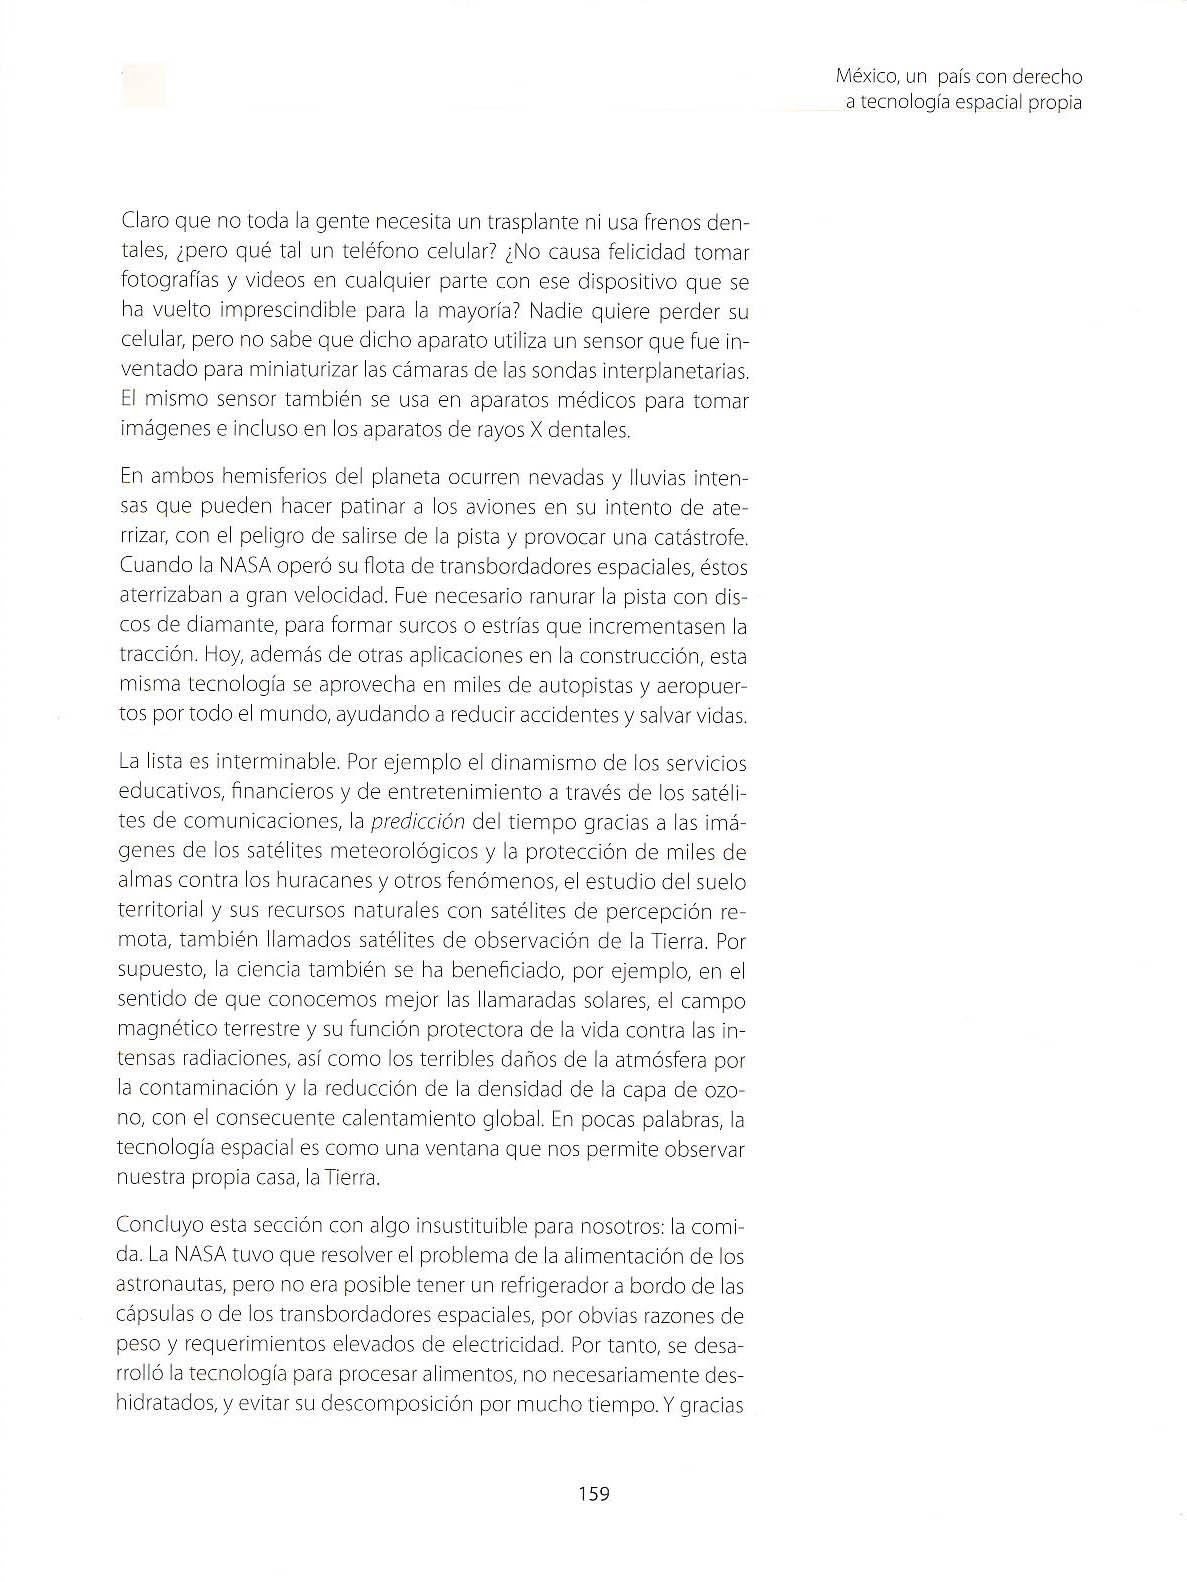 México, un país con derecho a tecnología propia 159